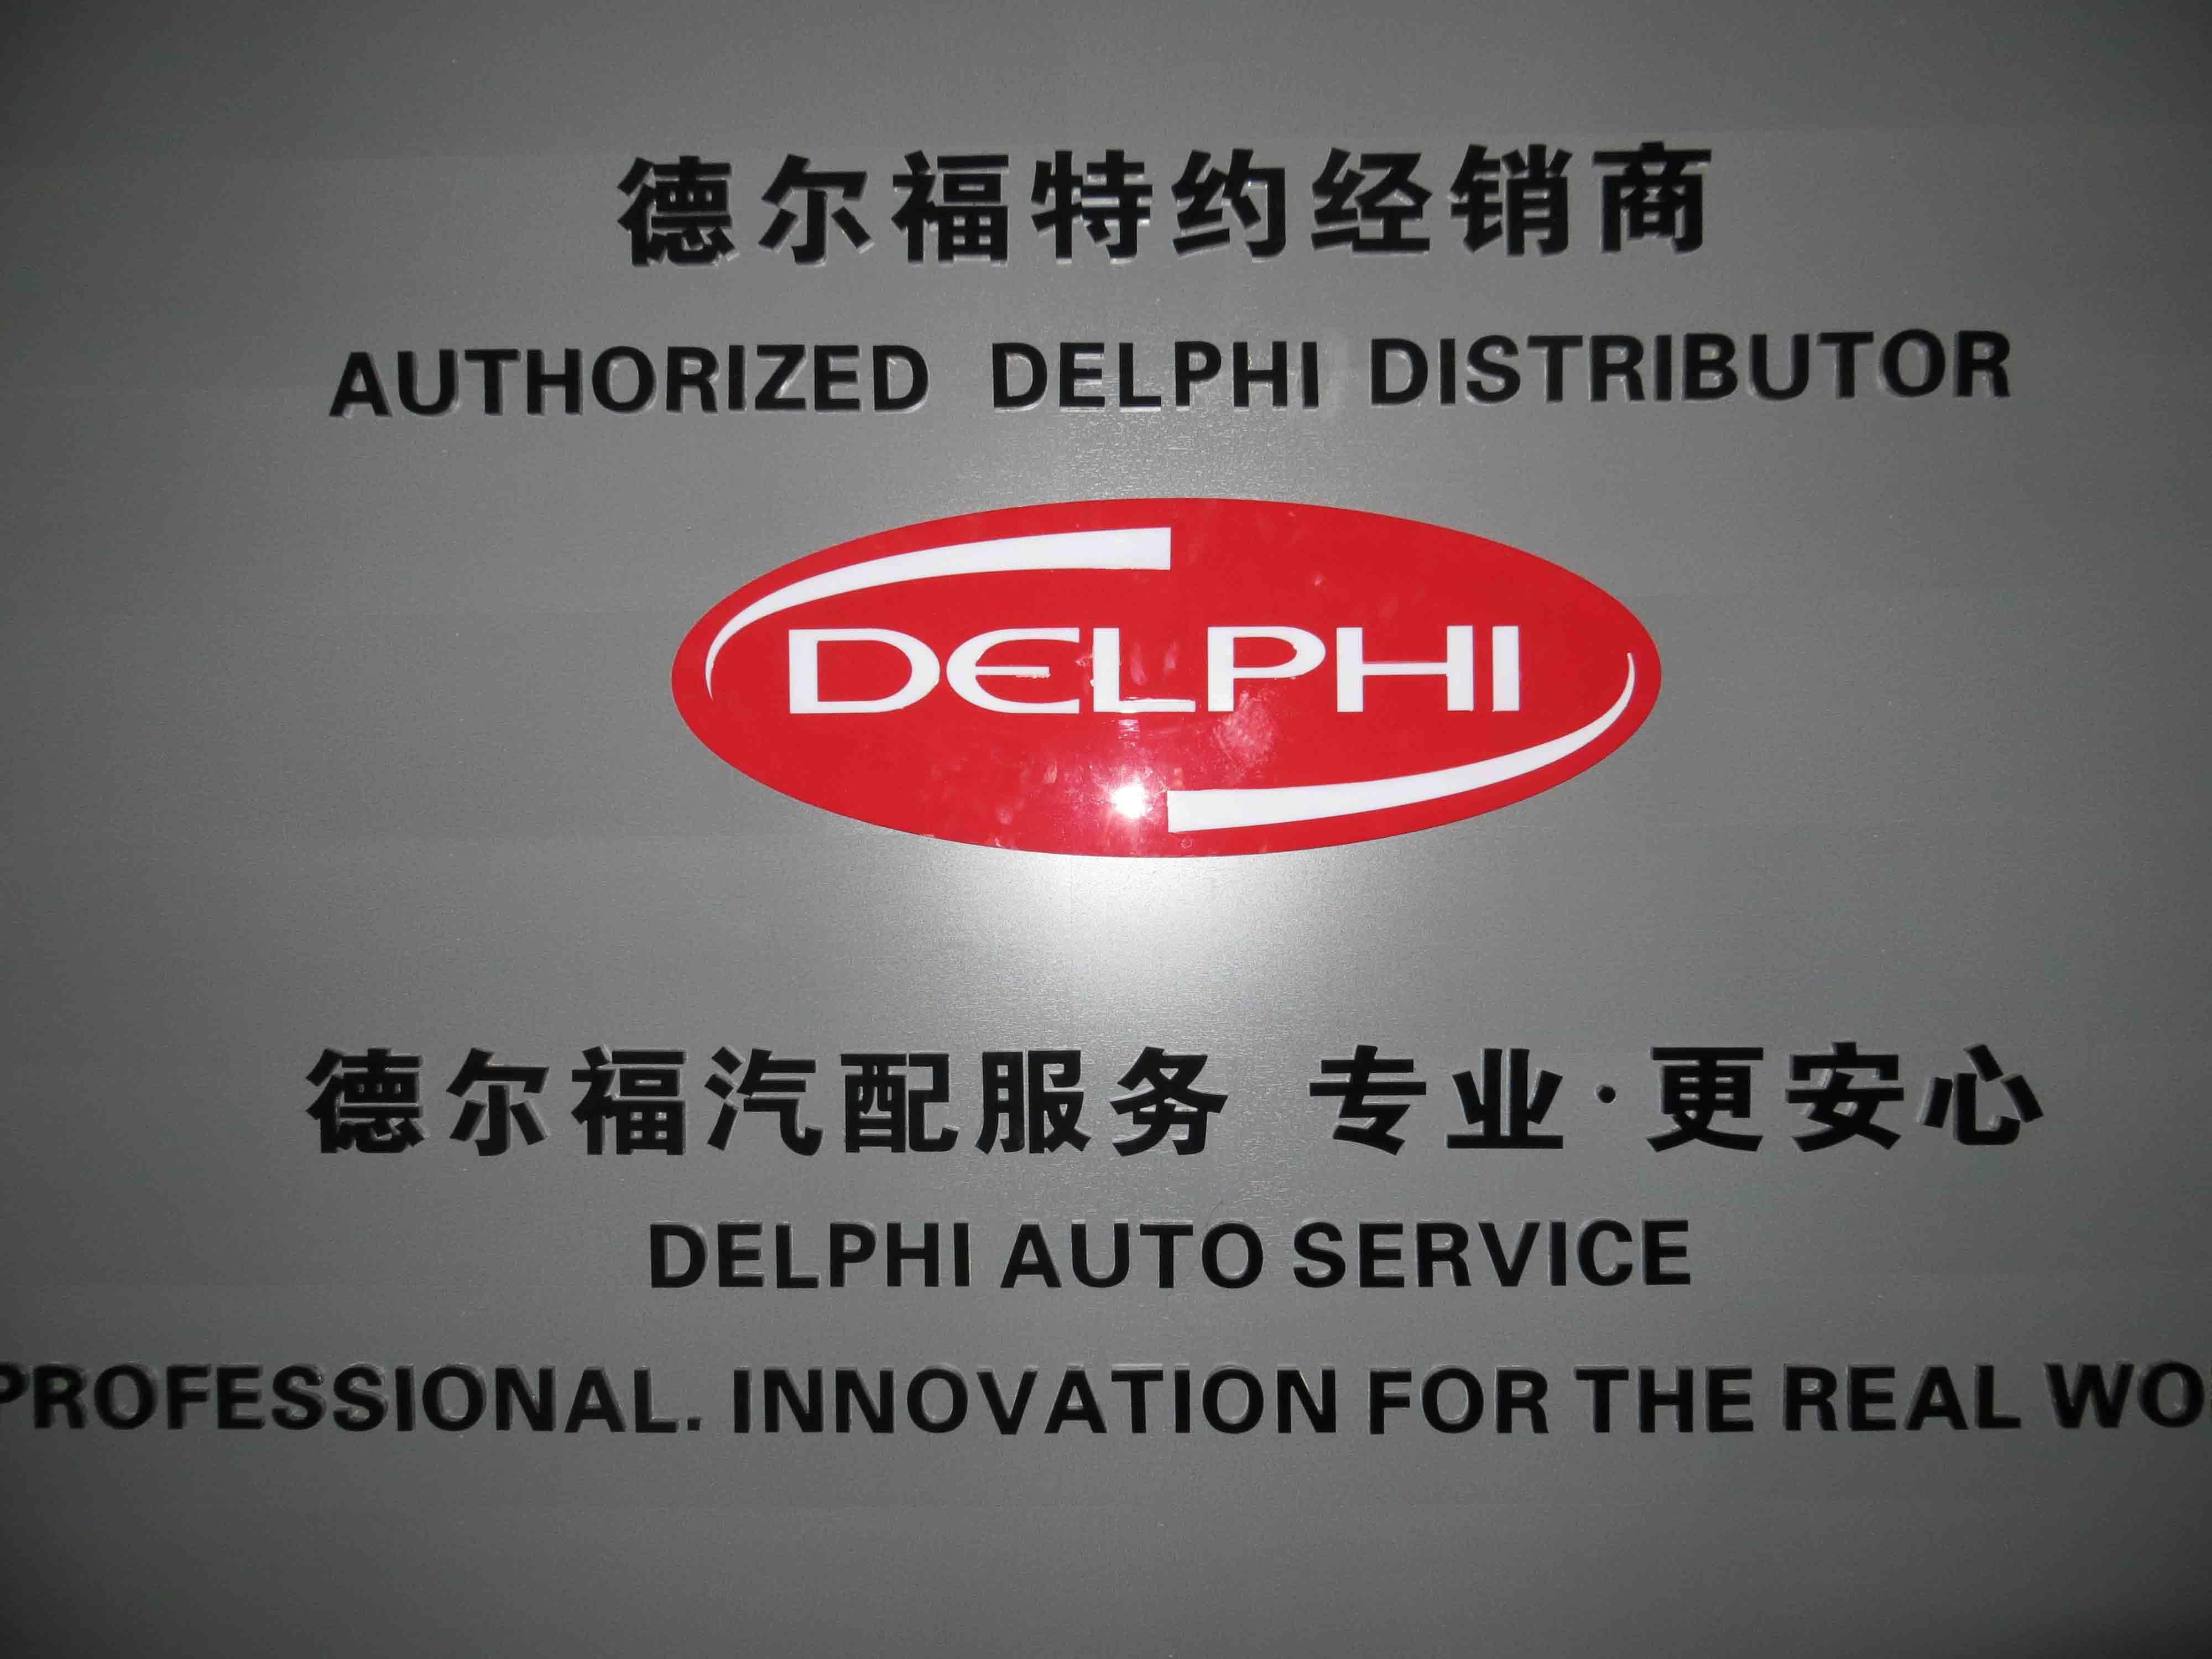 delphi cetificate